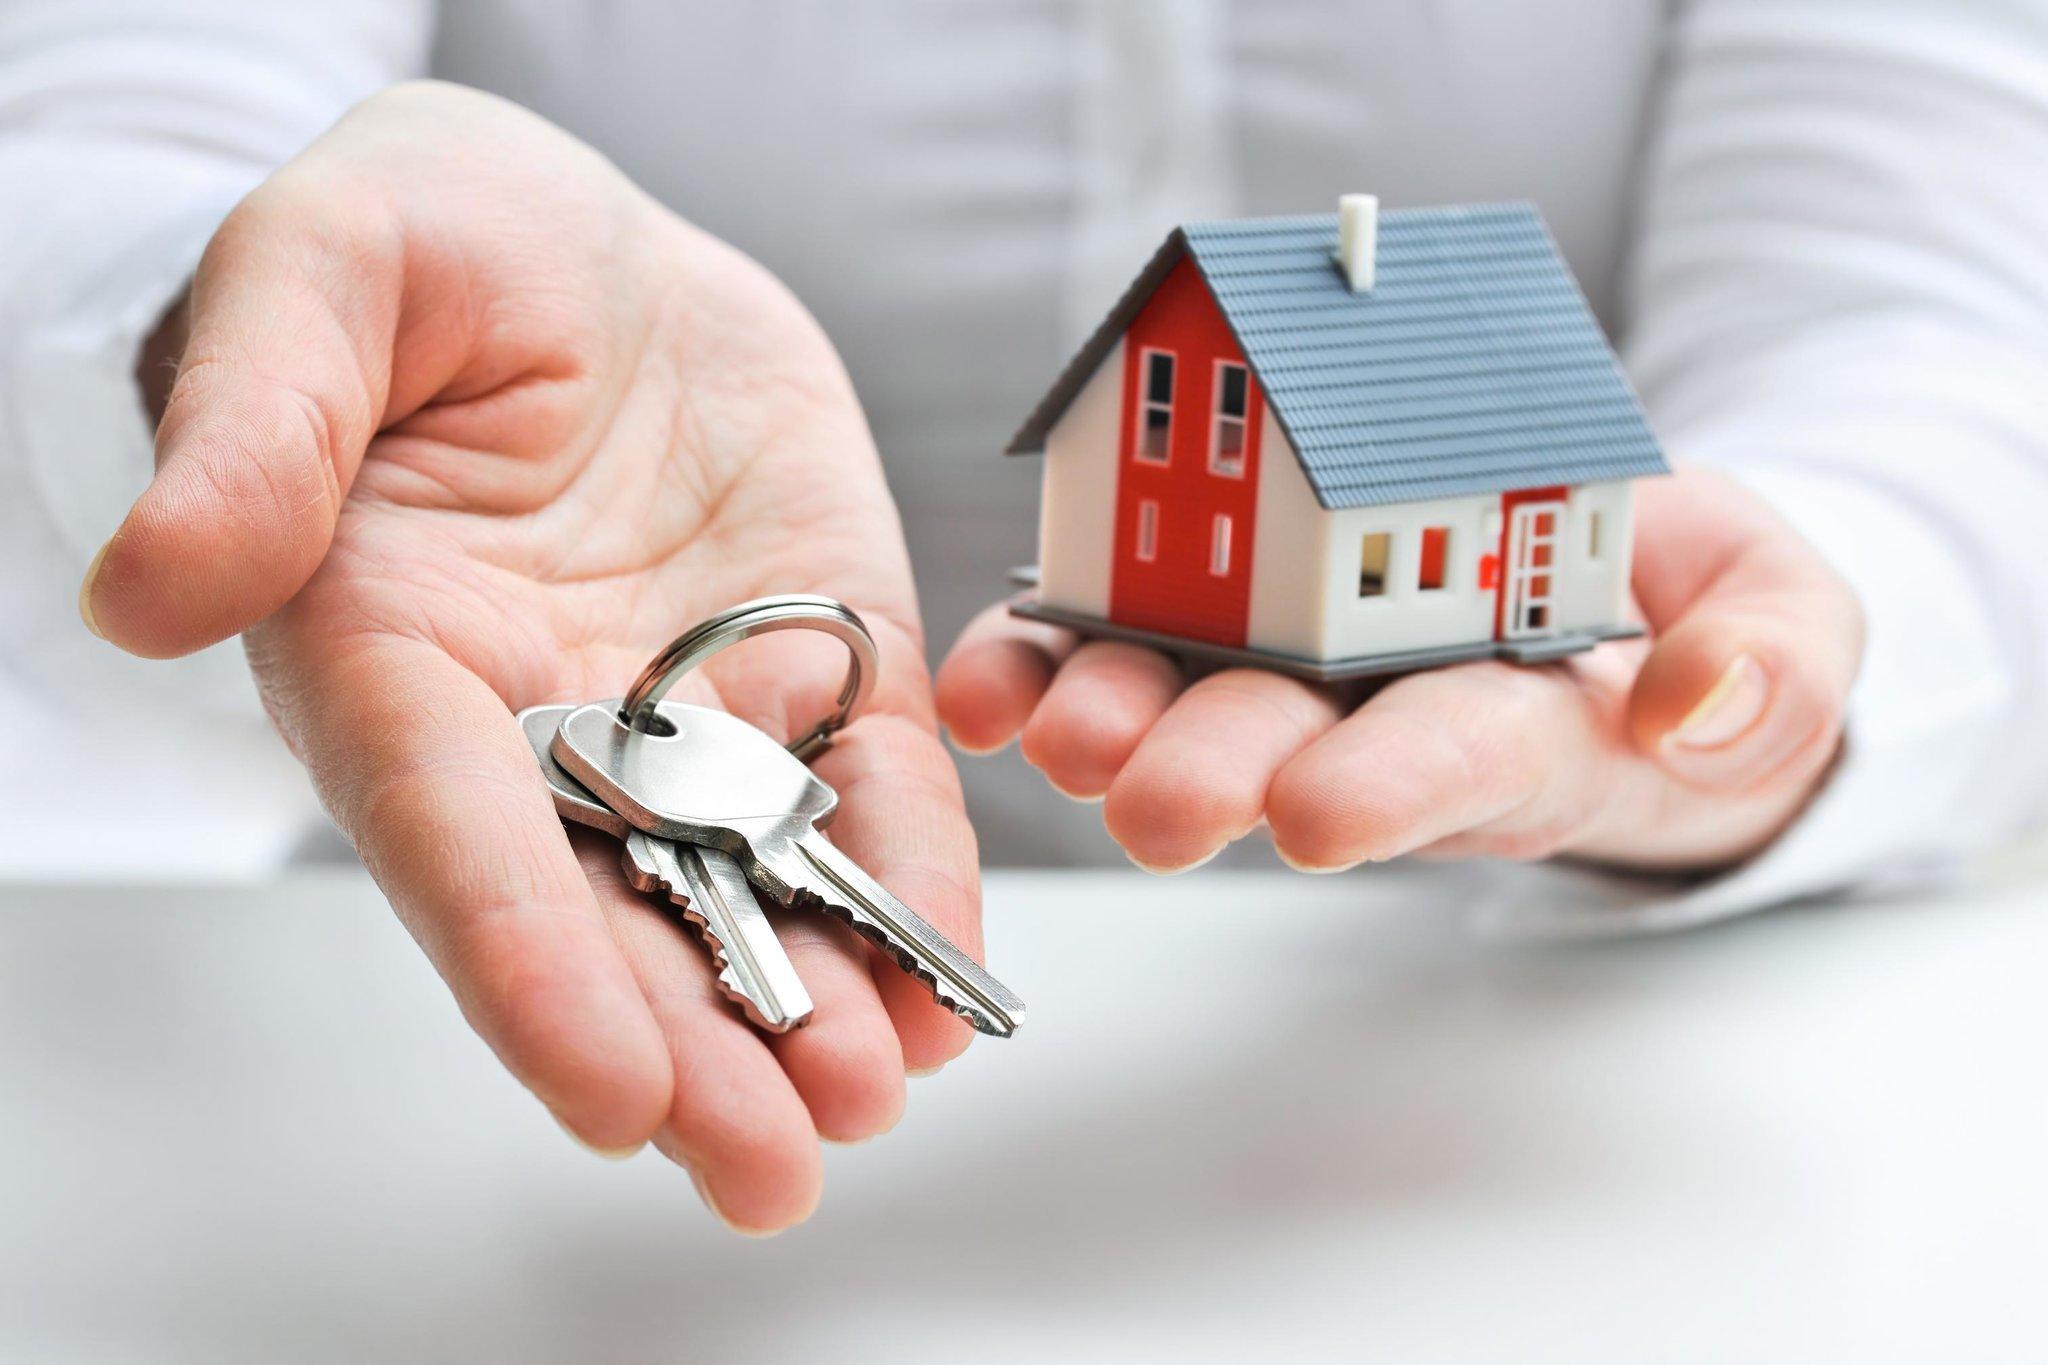 Договор дарения недвижимости между родственниками - особенности оформления